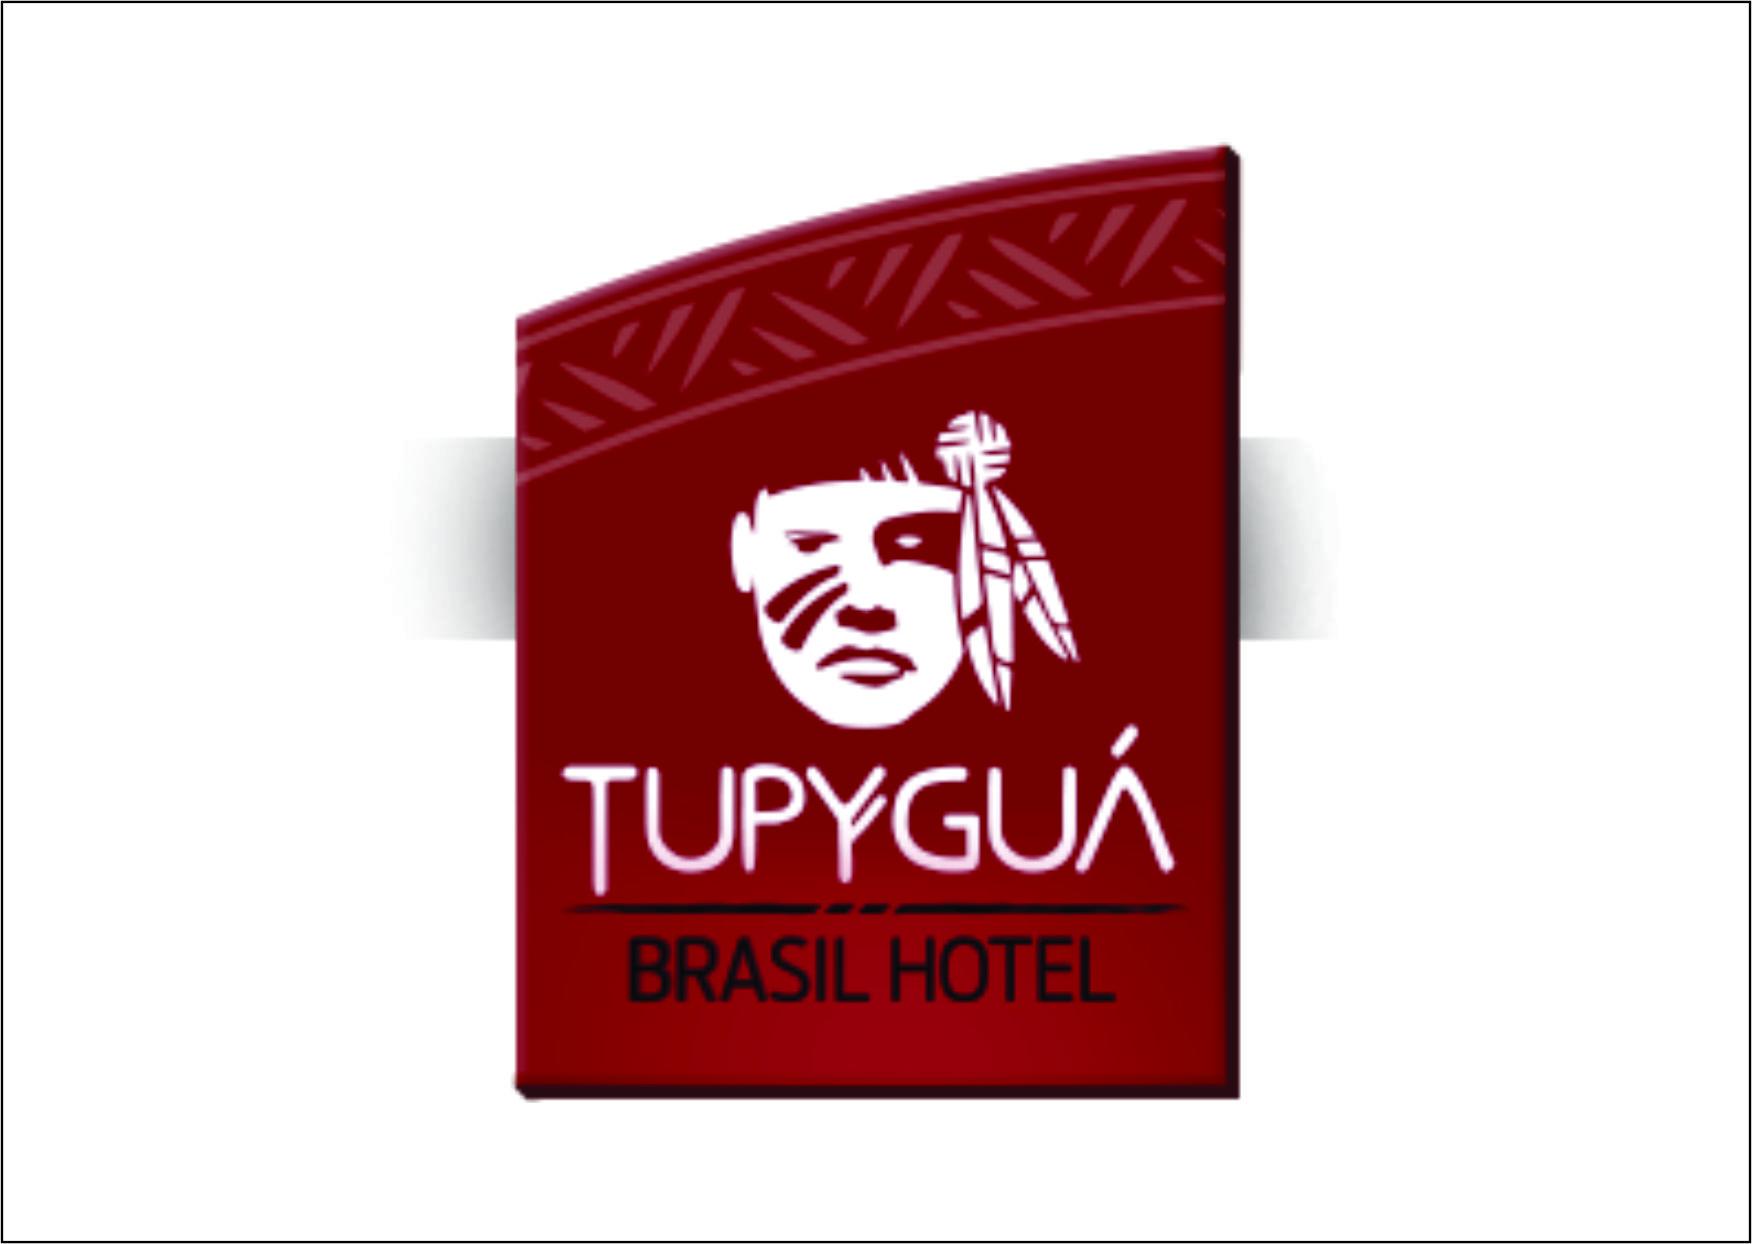 TUPYGUA